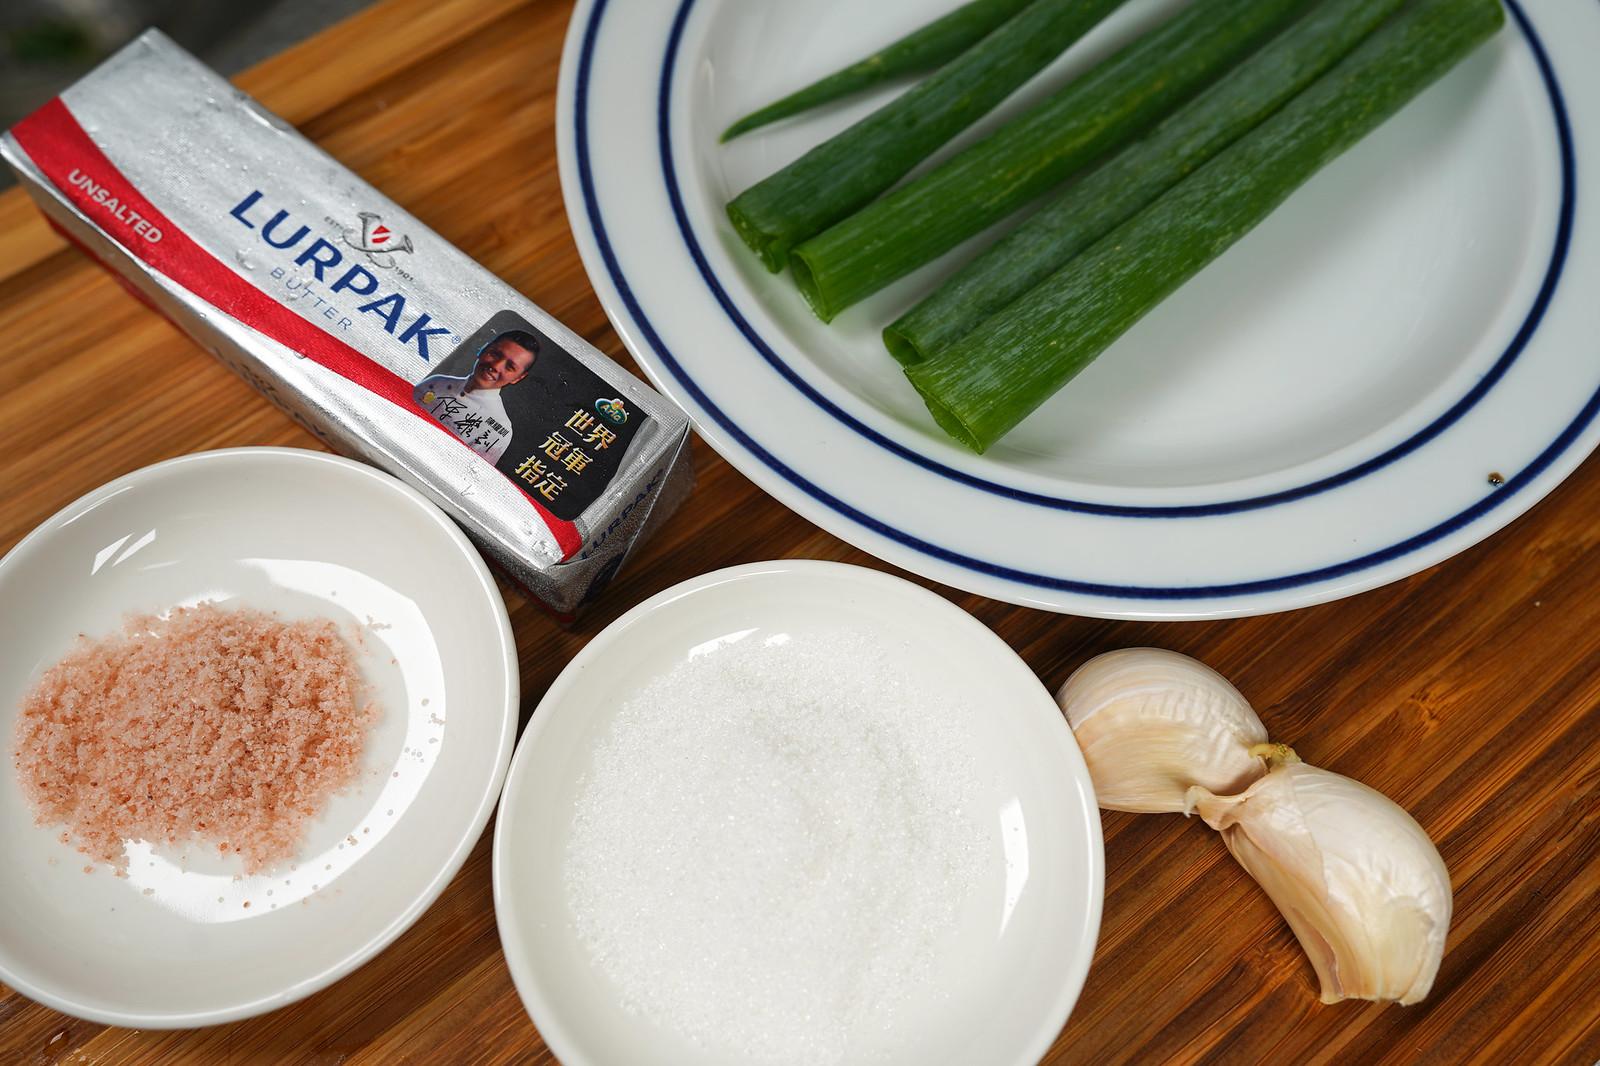 氣炸蒜香吐司條 備料食材